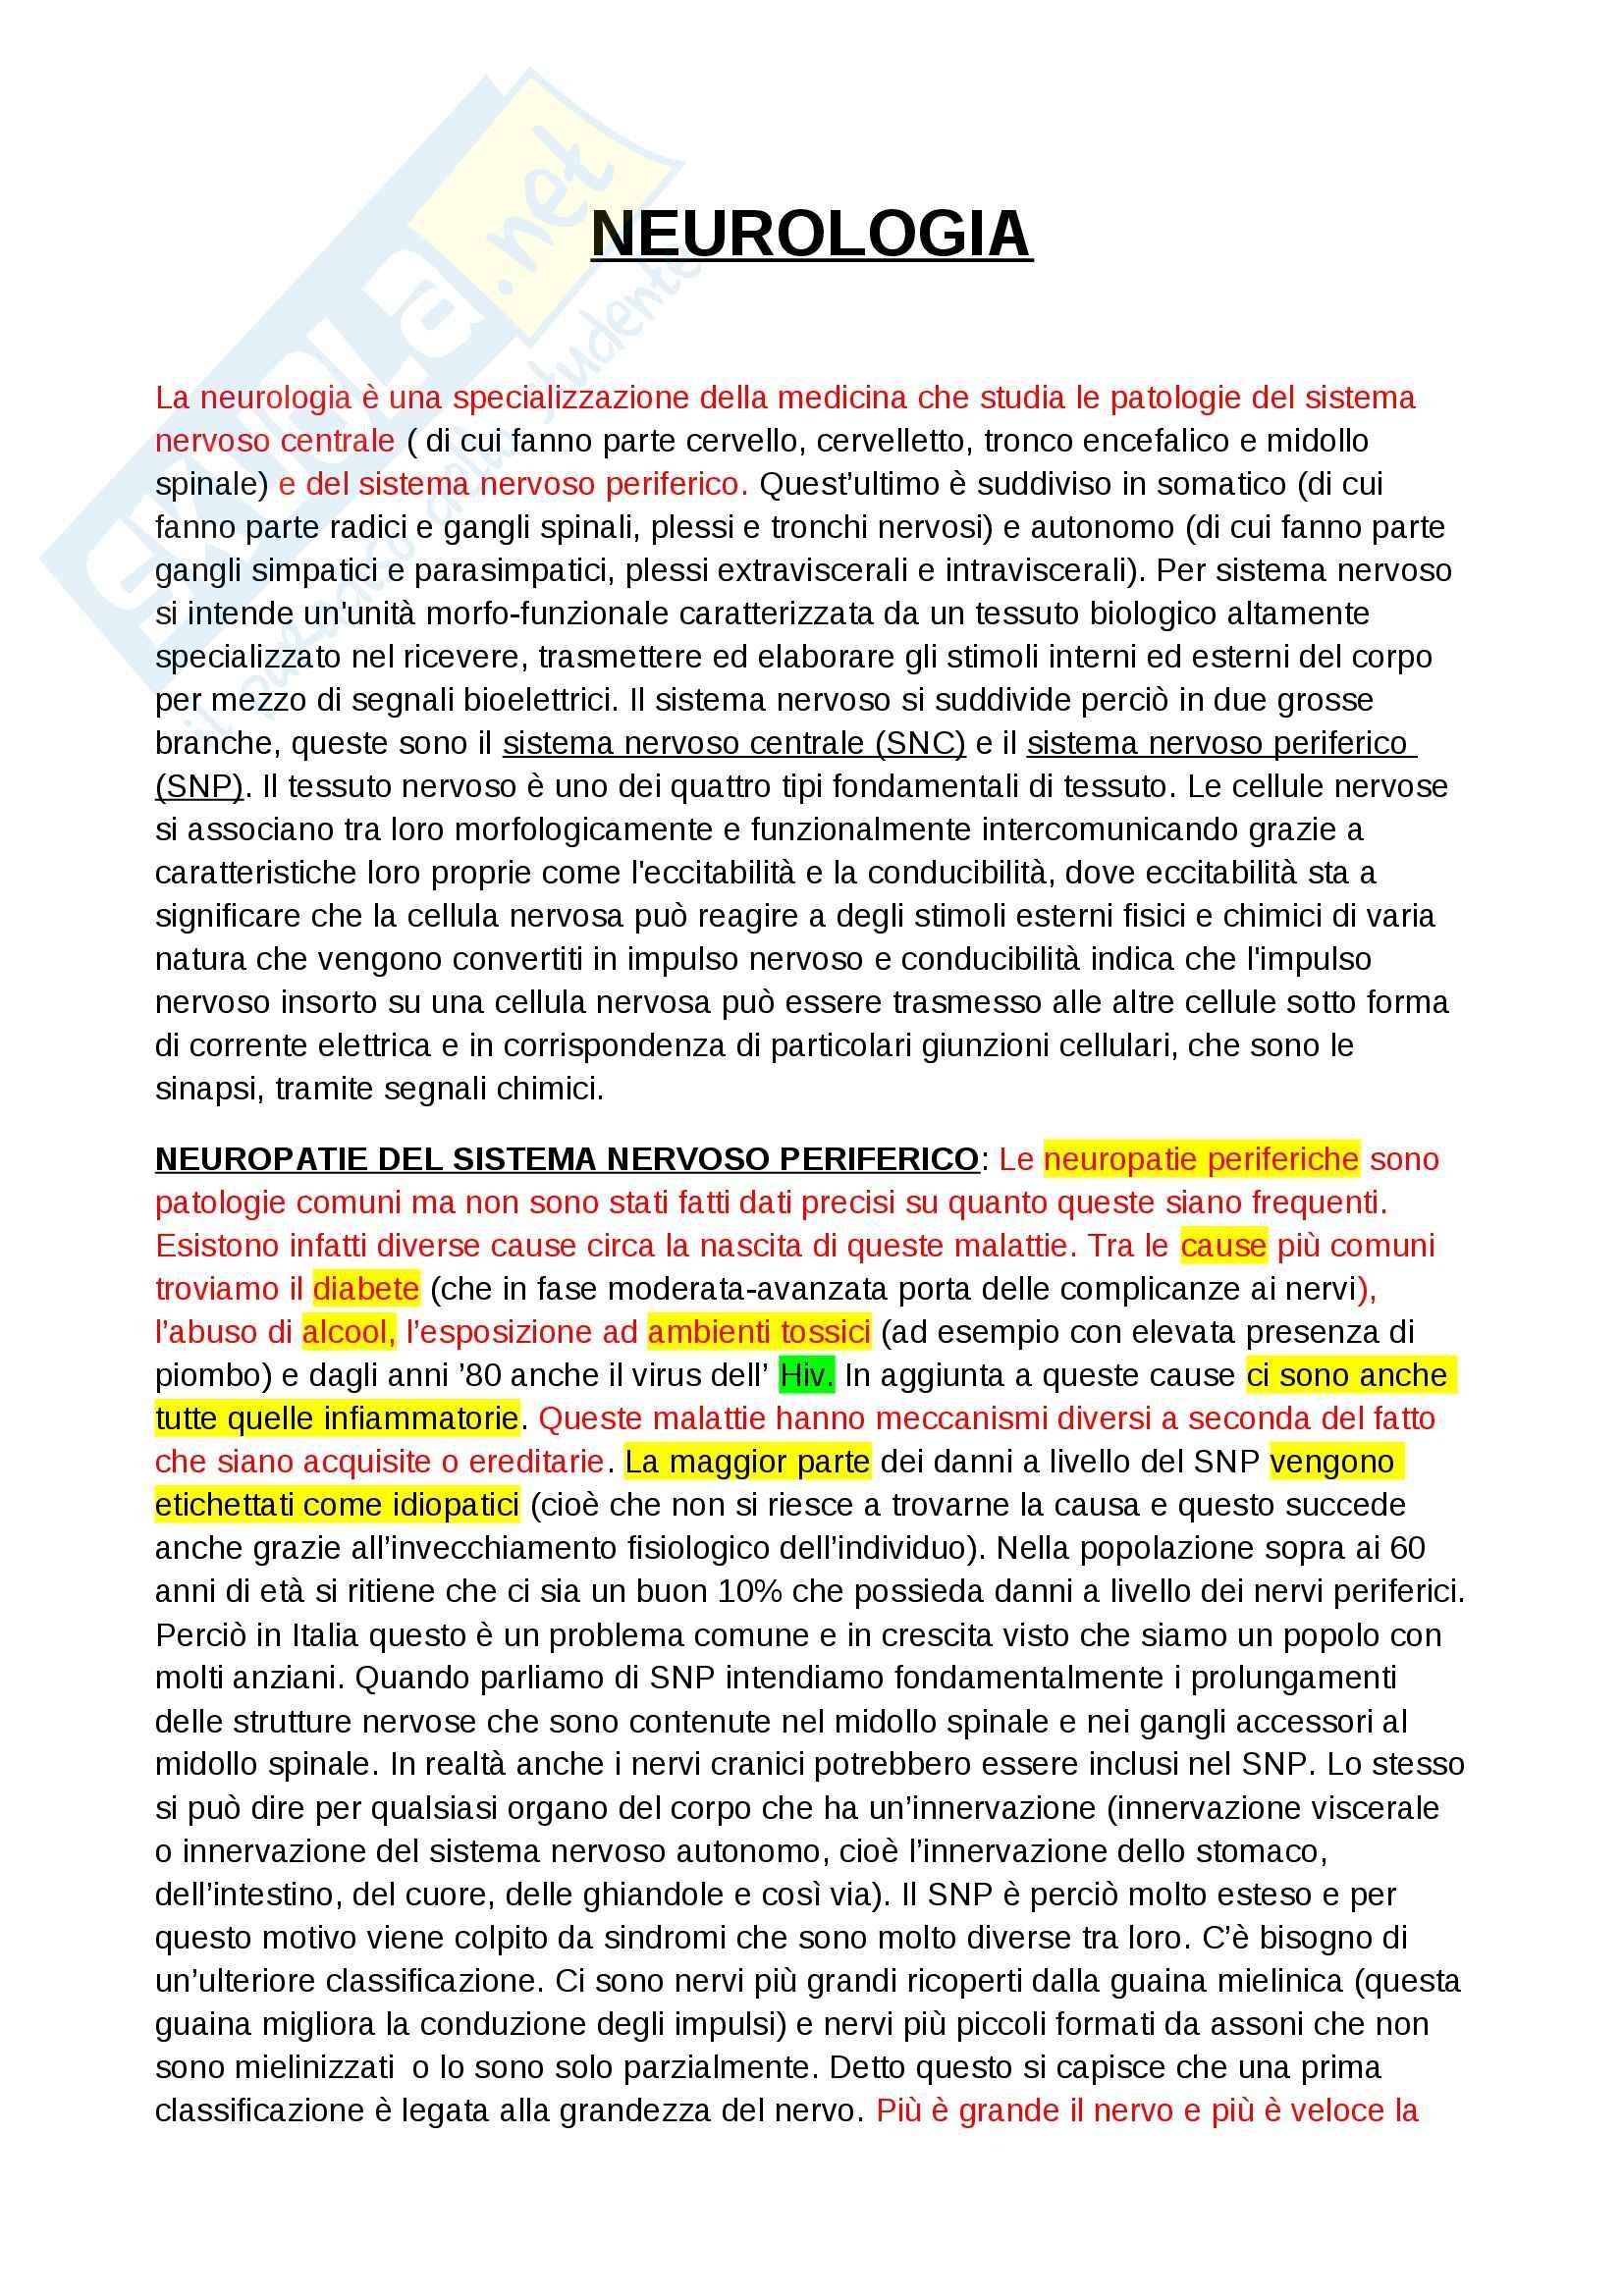 Neurologia - Appunti